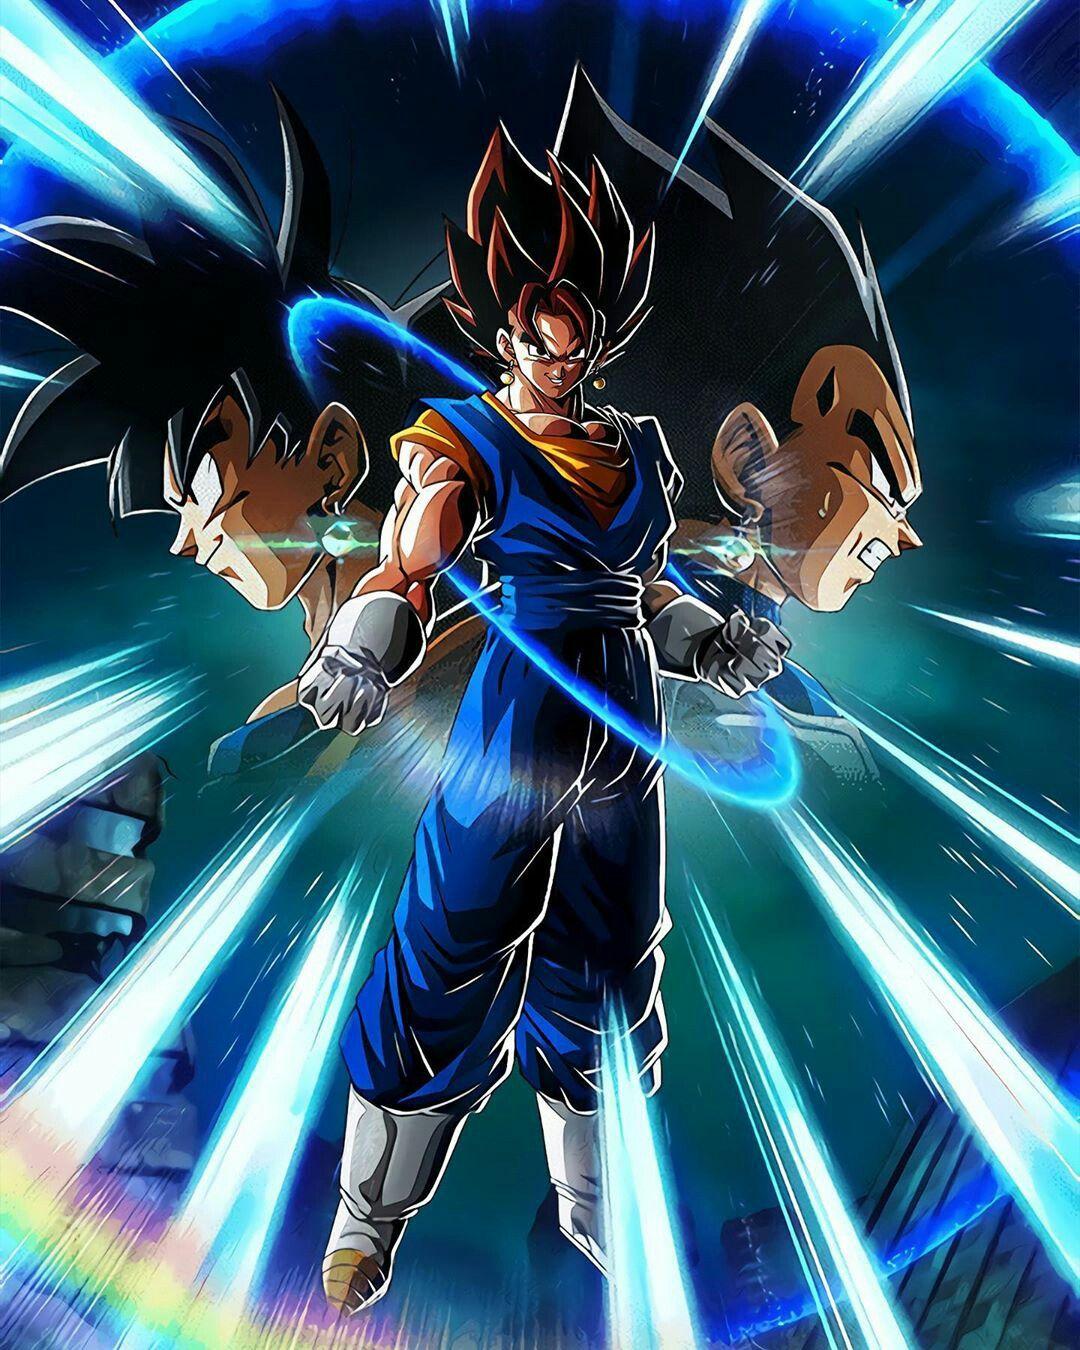 Vegeto En 2020 Fond D Ecran Goku Dessin Goku Coloriage Dragon Ball Z